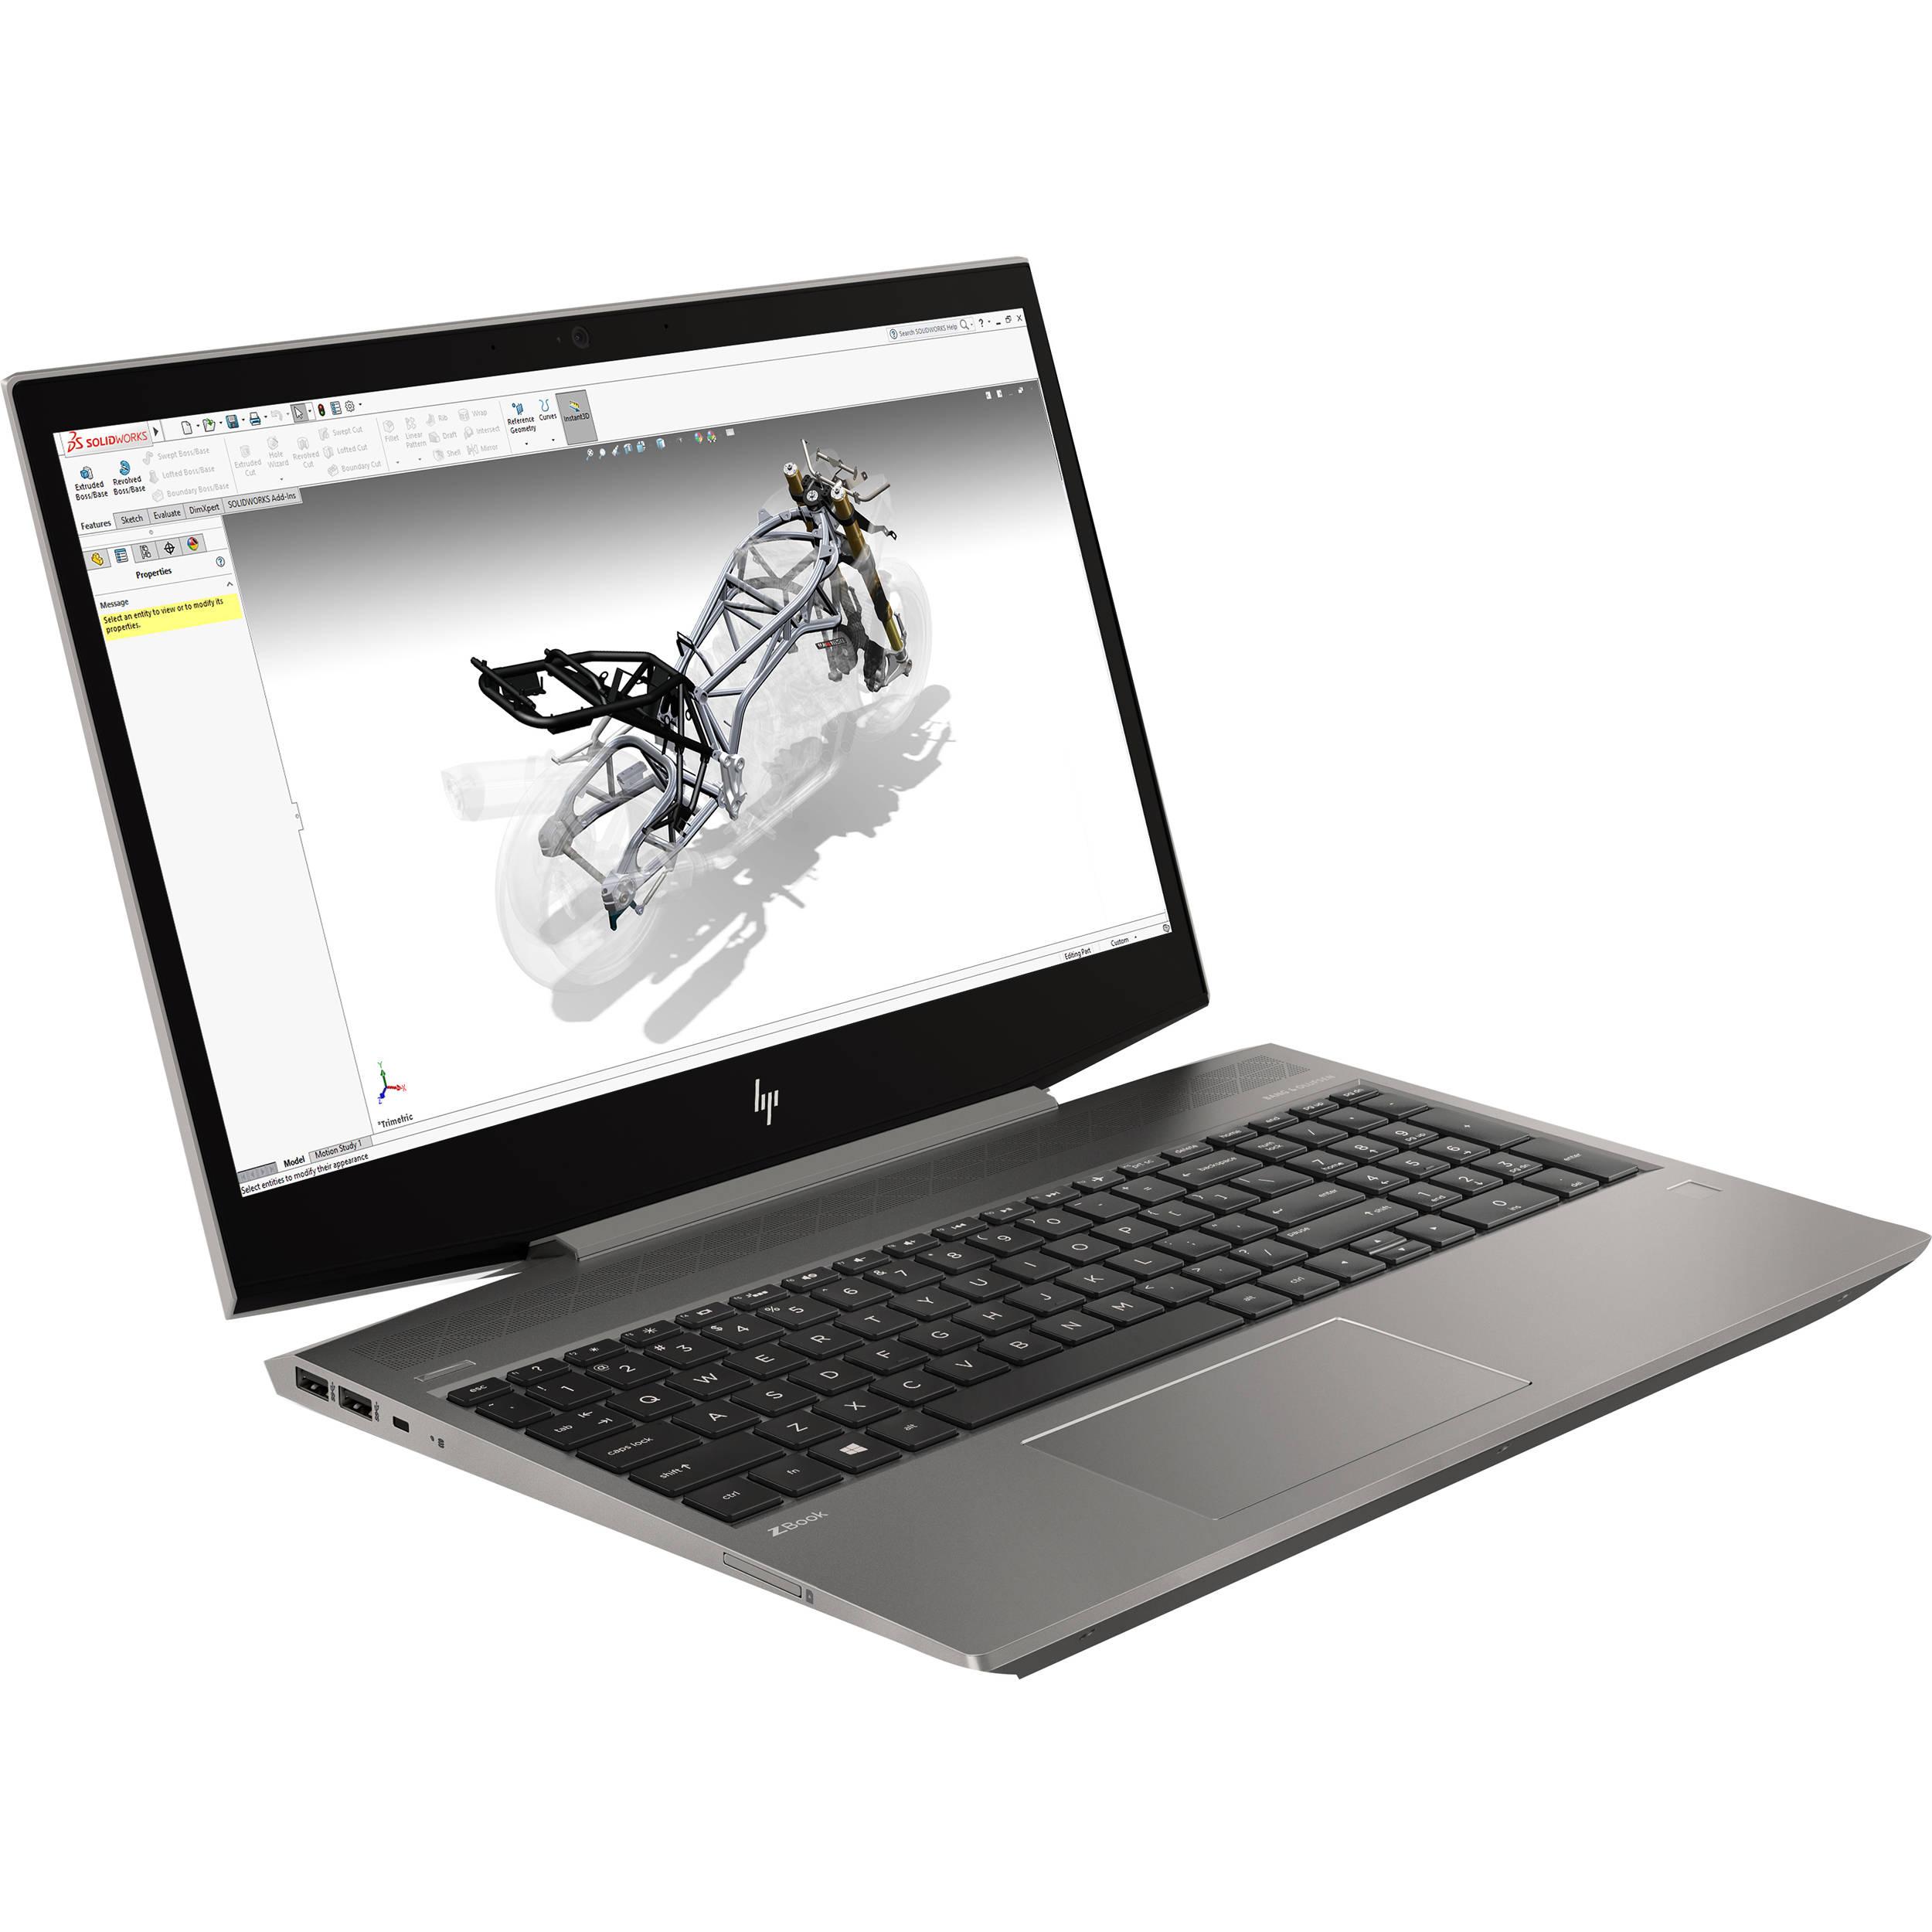 HP 17.3 ZBook 17 G3 Mobile Workstation V1Q05UT#ABA B&H Photo